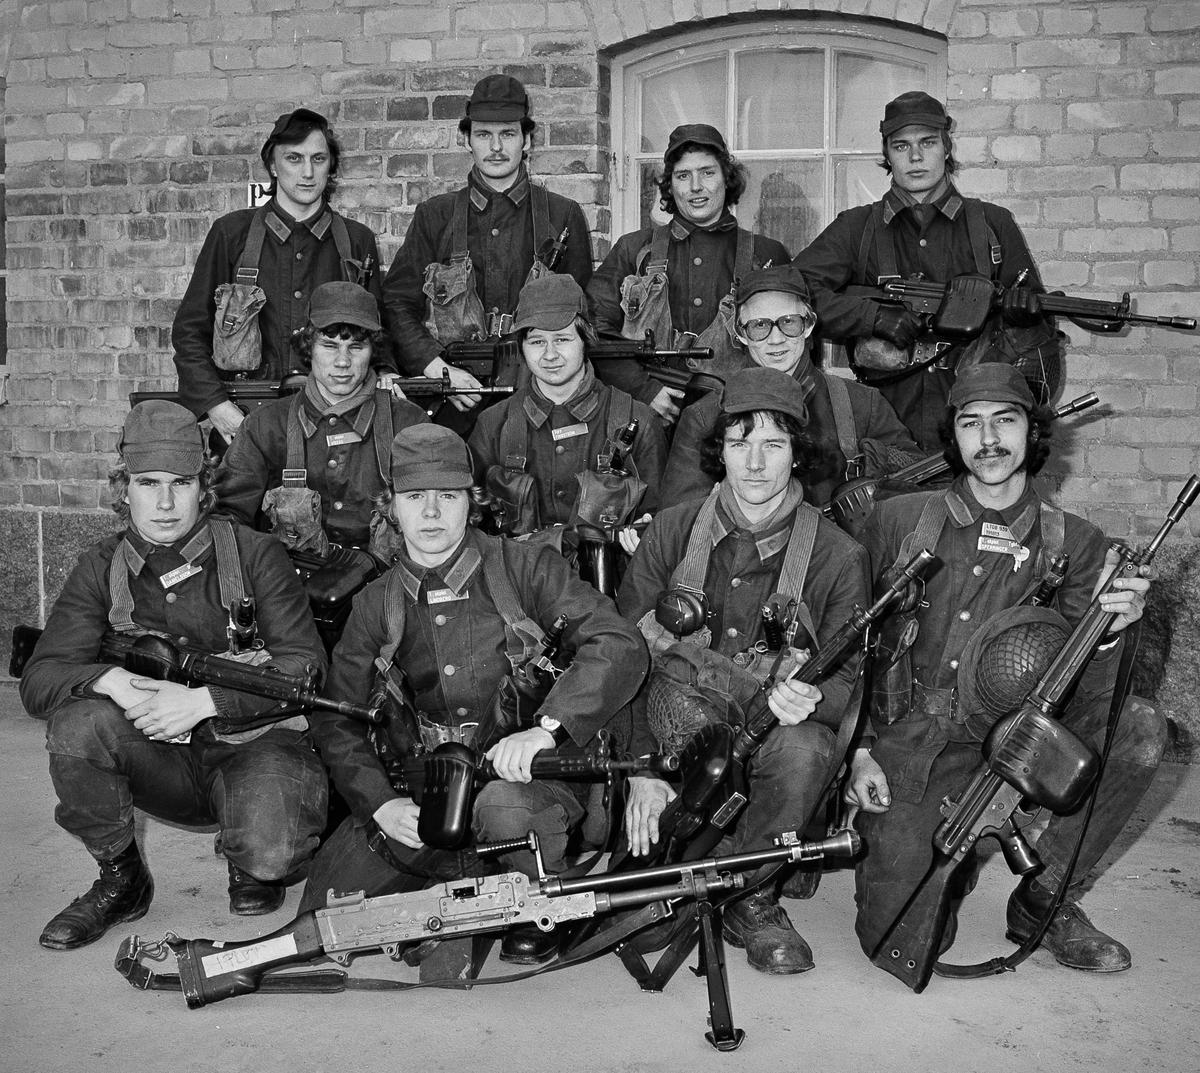 1. skyttegrupp vid 1. skyttepluton på Öster Rekarne kompani 1978.  Plutonchef var löjtnant Lars Bergström och stf överfurir Larsson.  Längst ned tv sitter korpral Anders Danielsson, senare officer vid regementet.  OBS! två bilder.